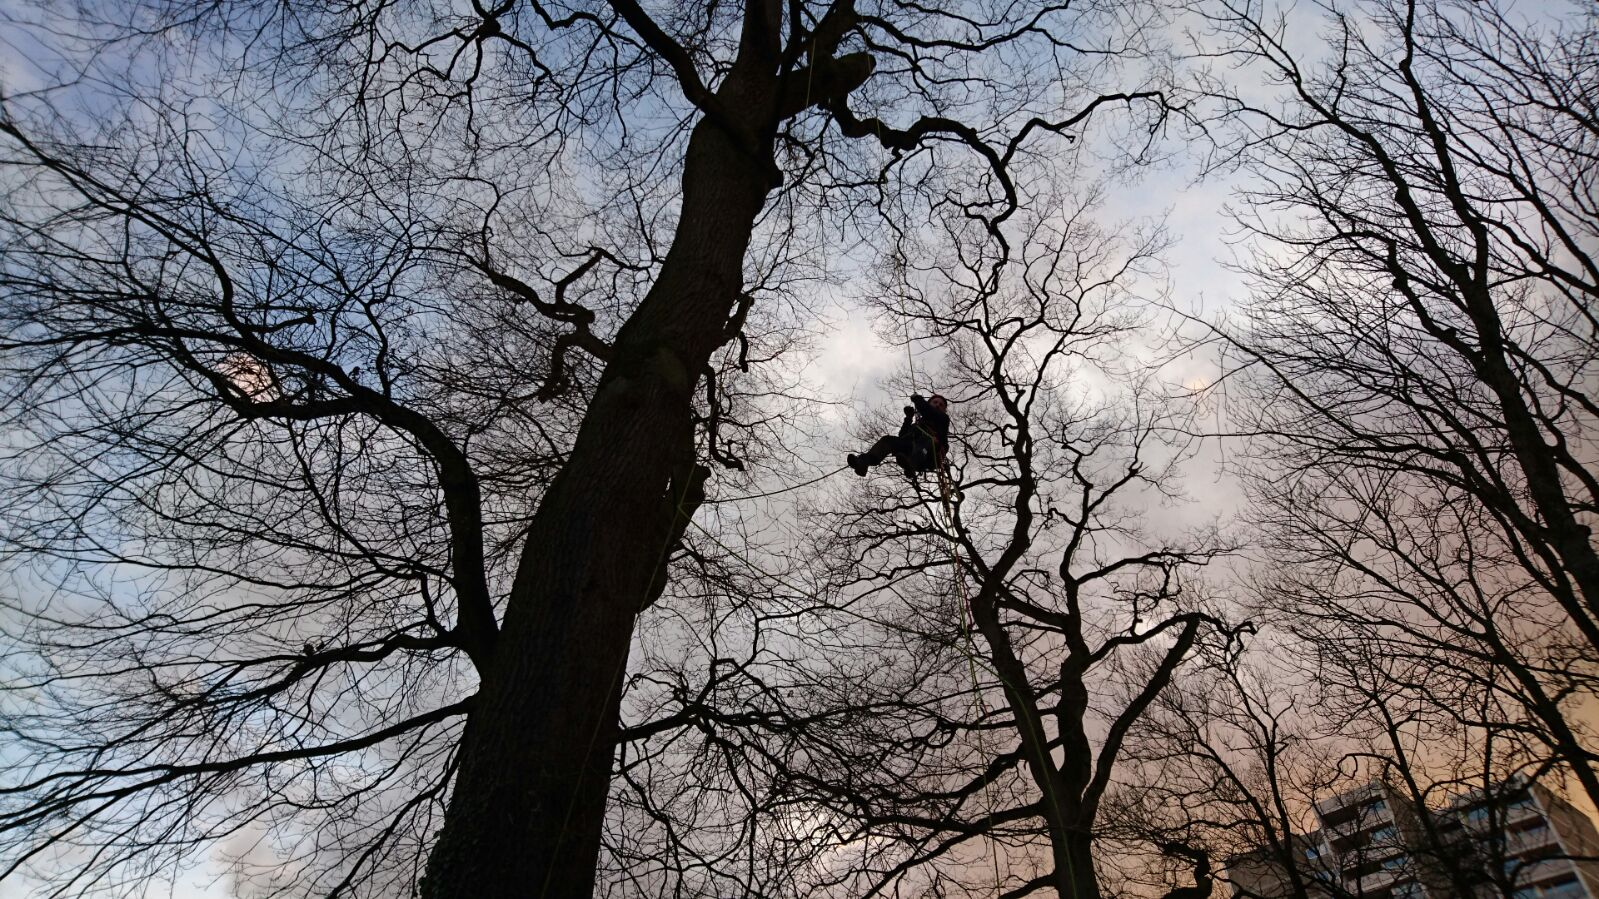 Klettergurt Für Baumpflege : Herzlich willkommen u baumpflege jannik loest